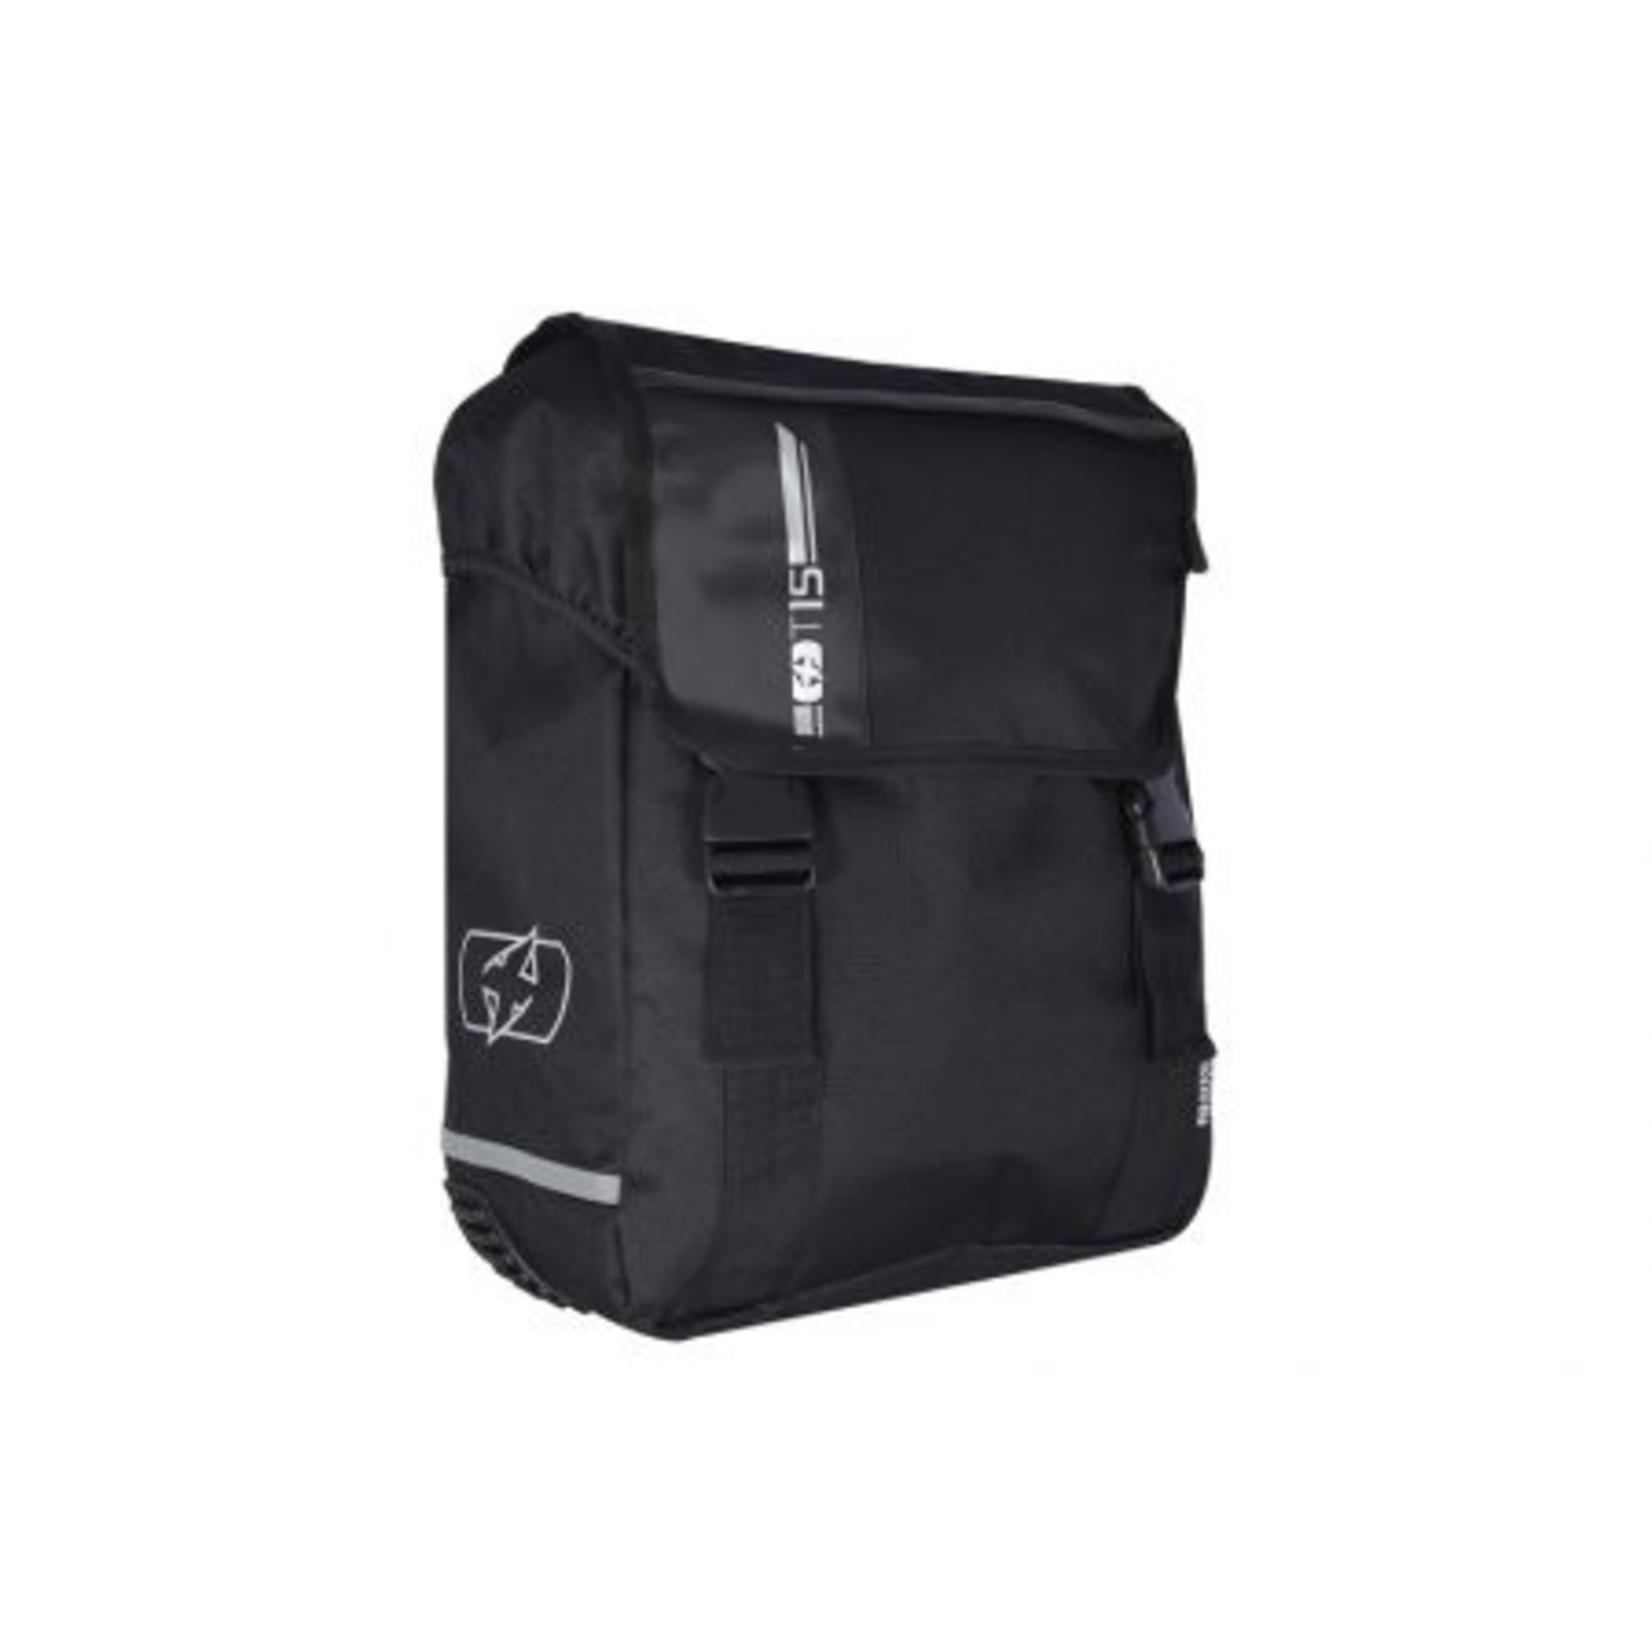 Oxford T15 QR Pannier Bag - 15 Litre